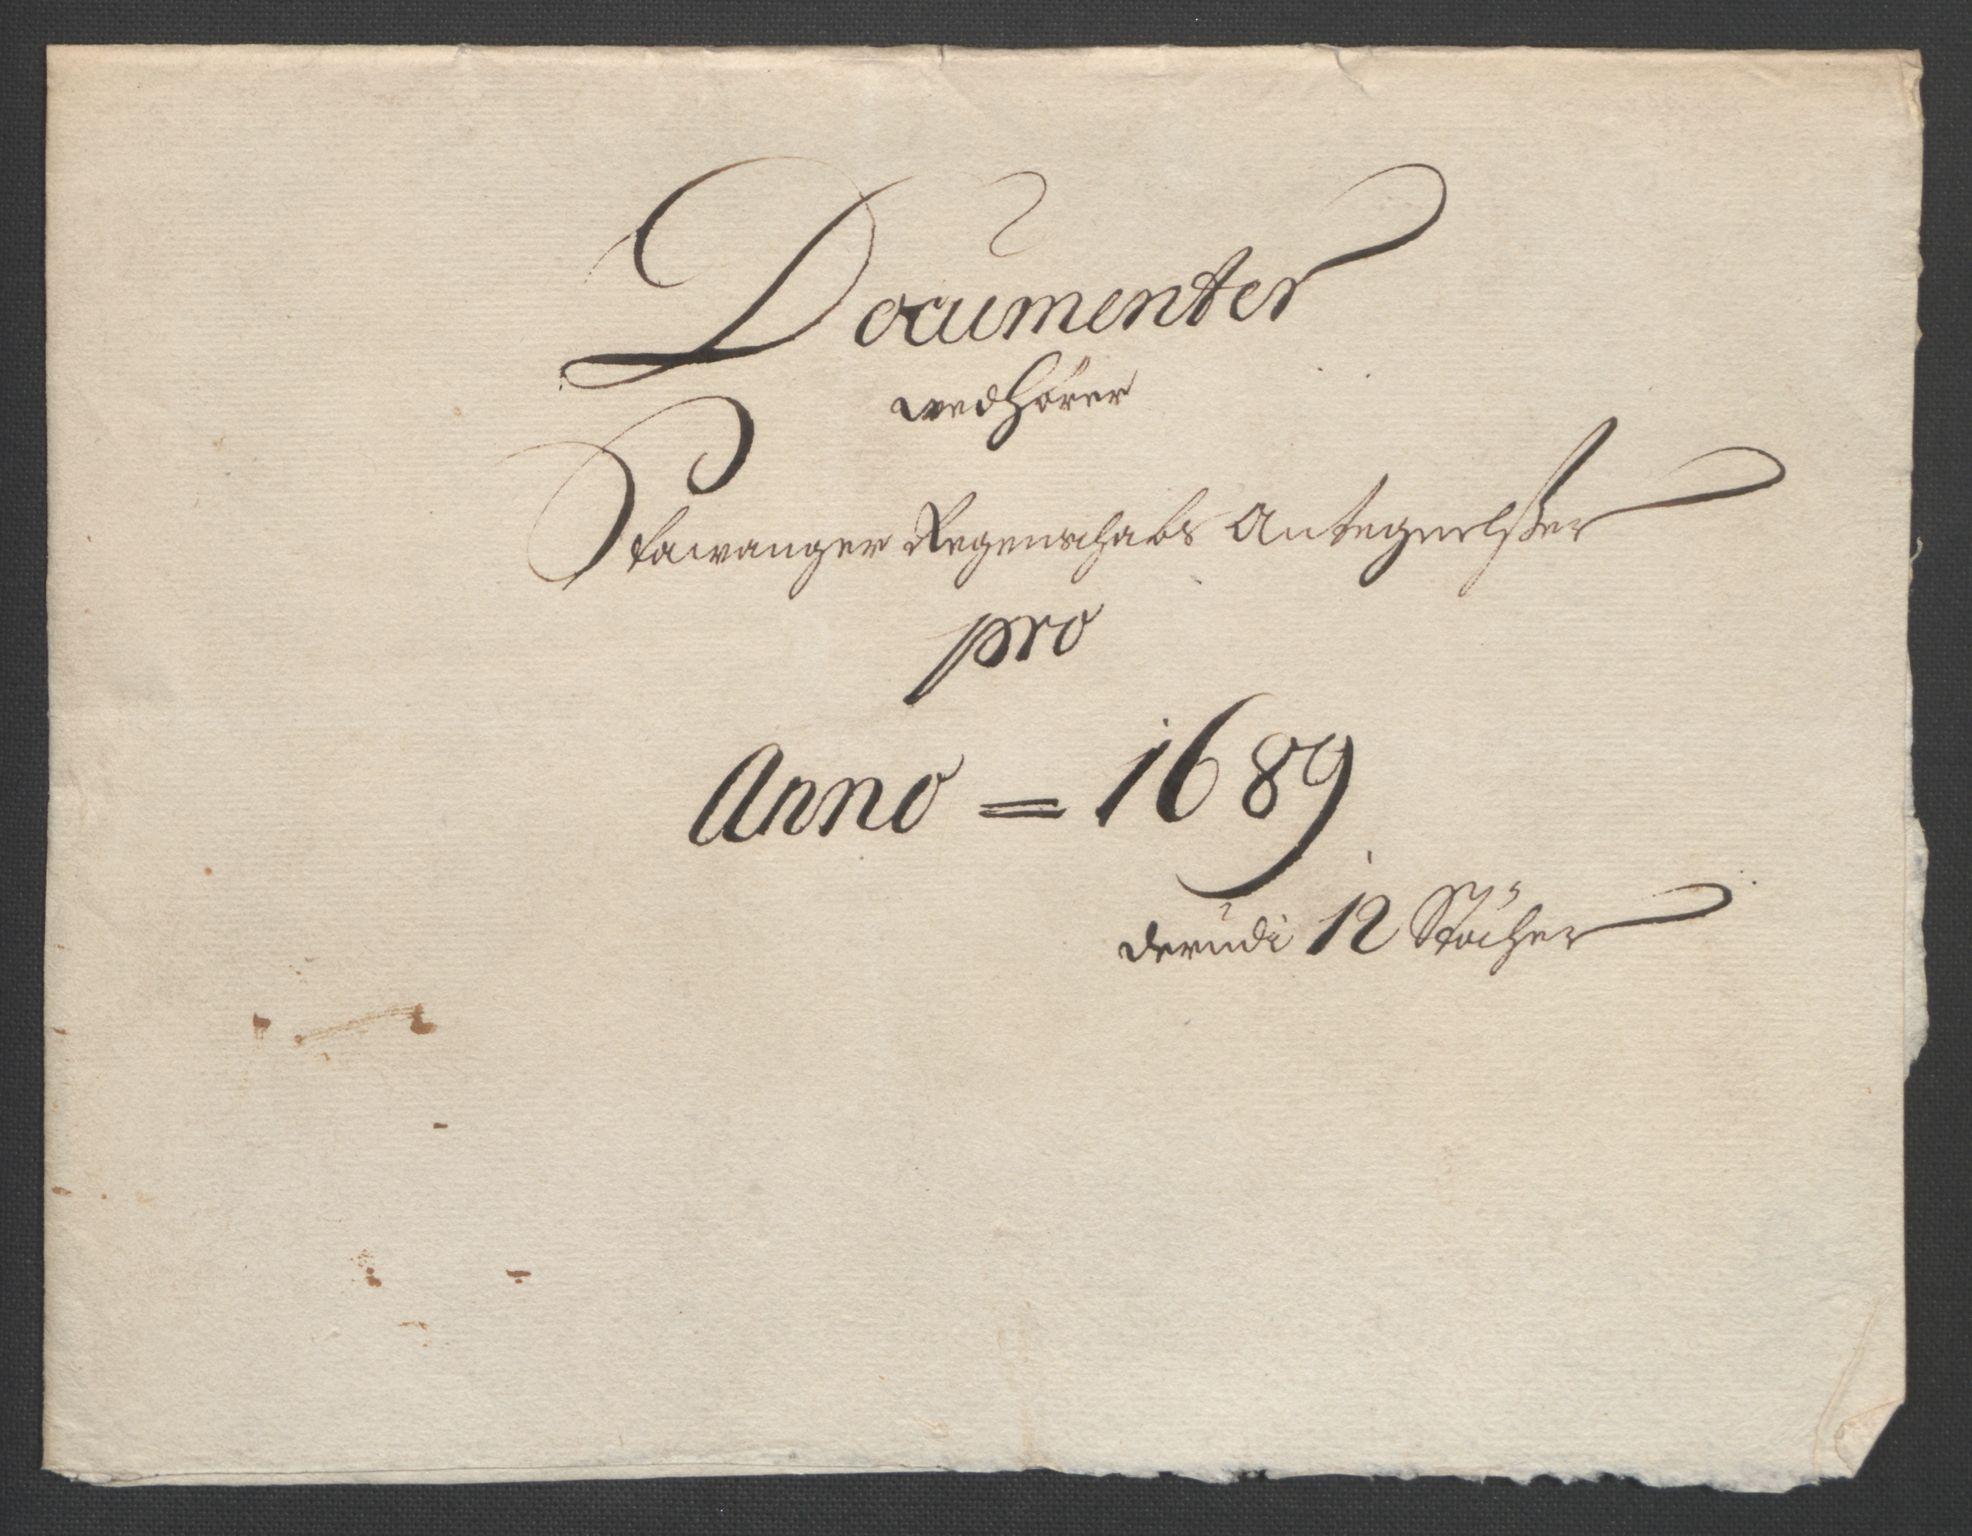 RA, Rentekammeret inntil 1814, Reviderte regnskaper, Fogderegnskap, R47/L2856: Fogderegnskap Ryfylke, 1689-1693, s. 124